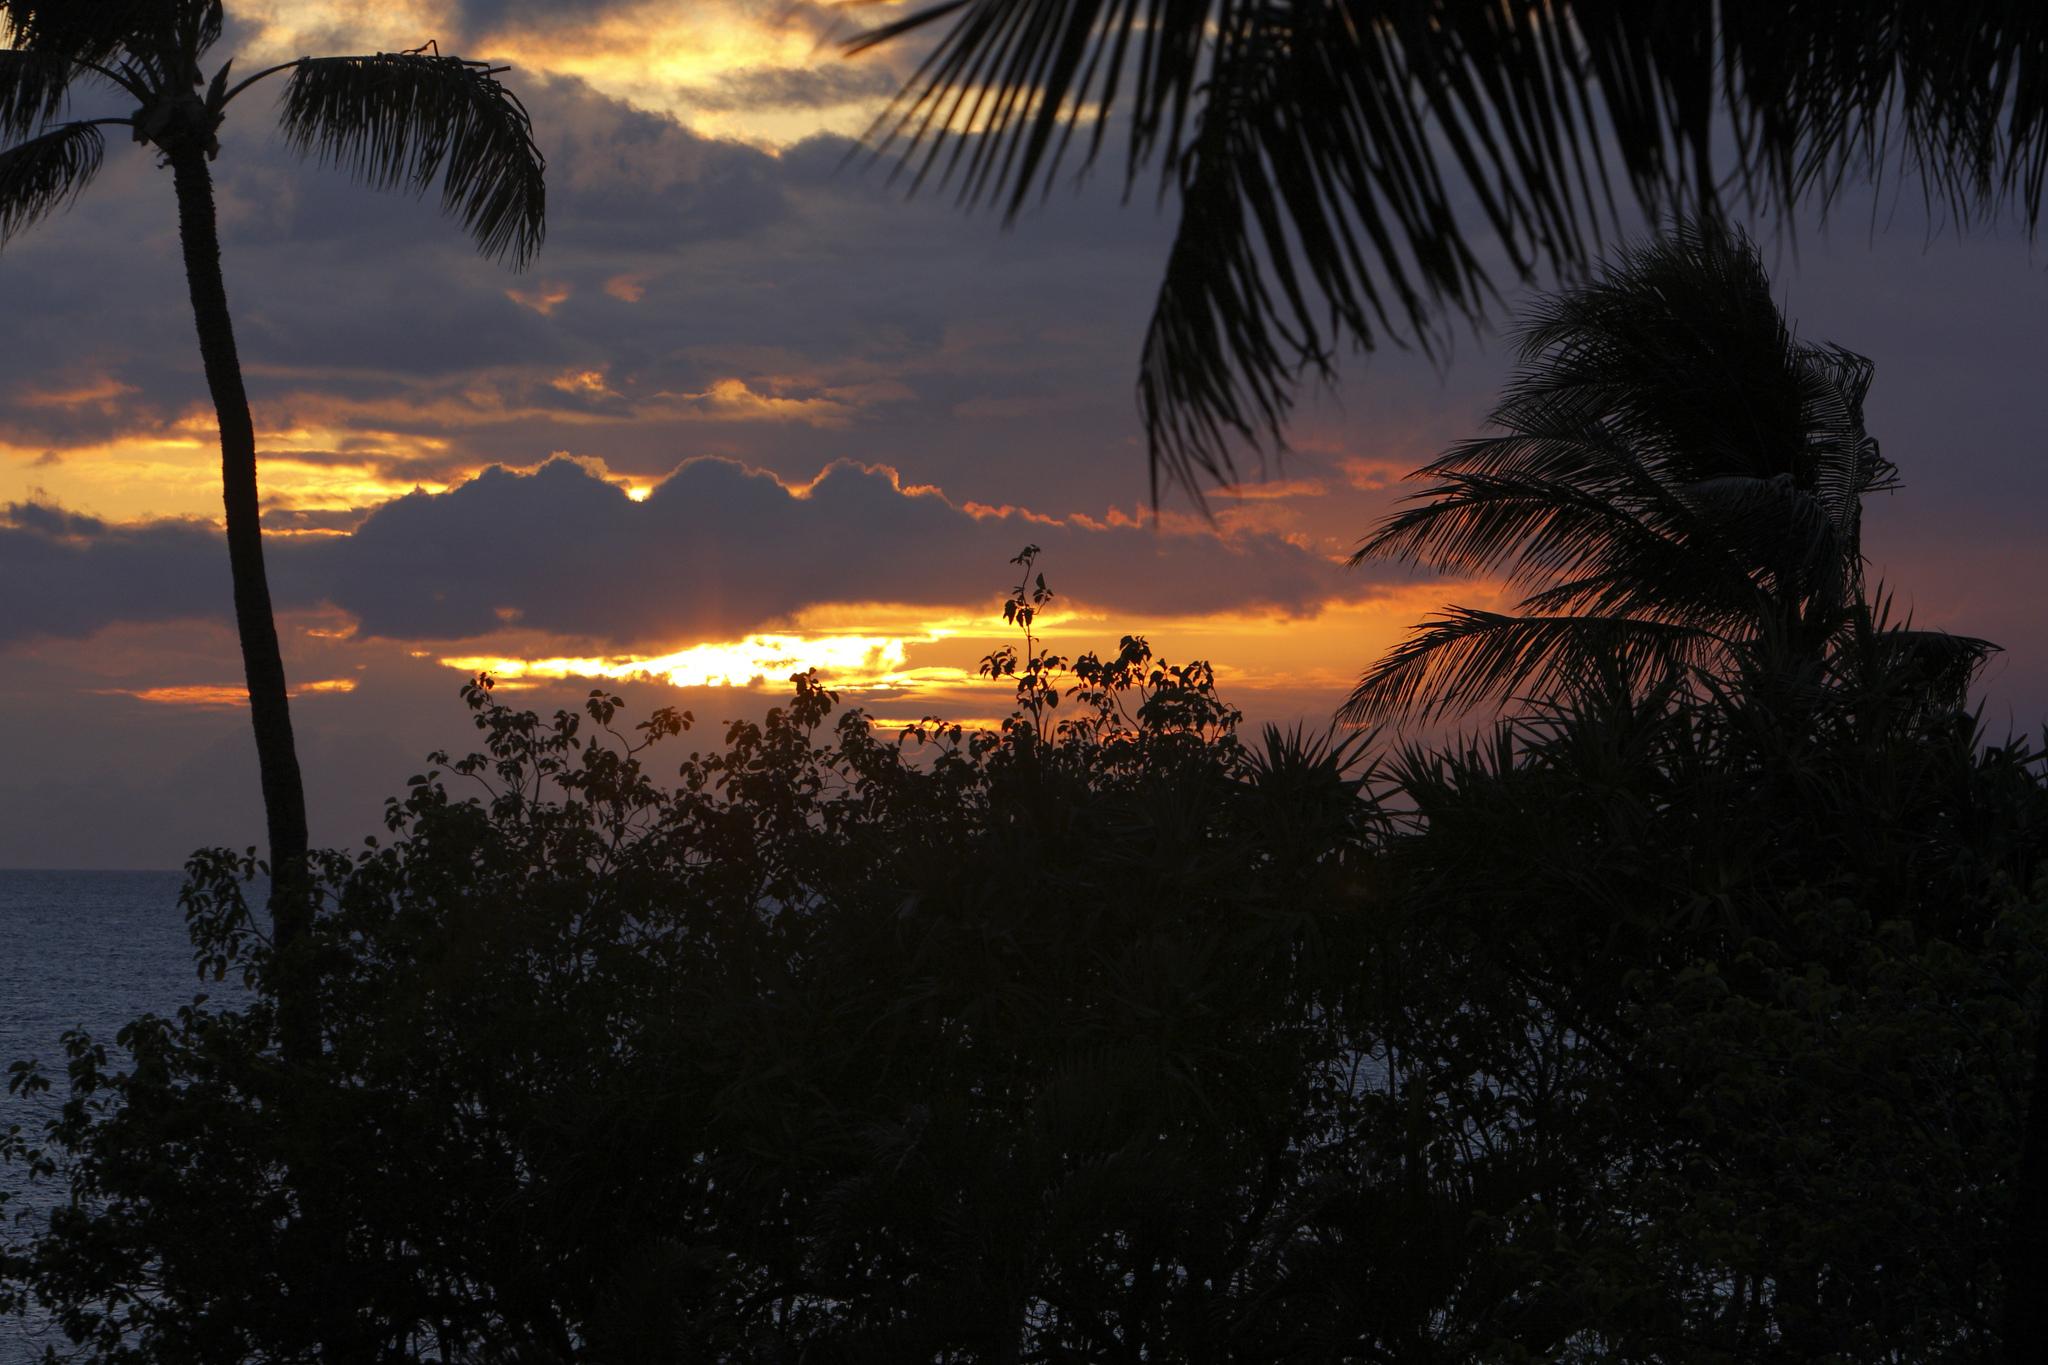 Ka'anapali Sunset | © Alan Moore/Flickr